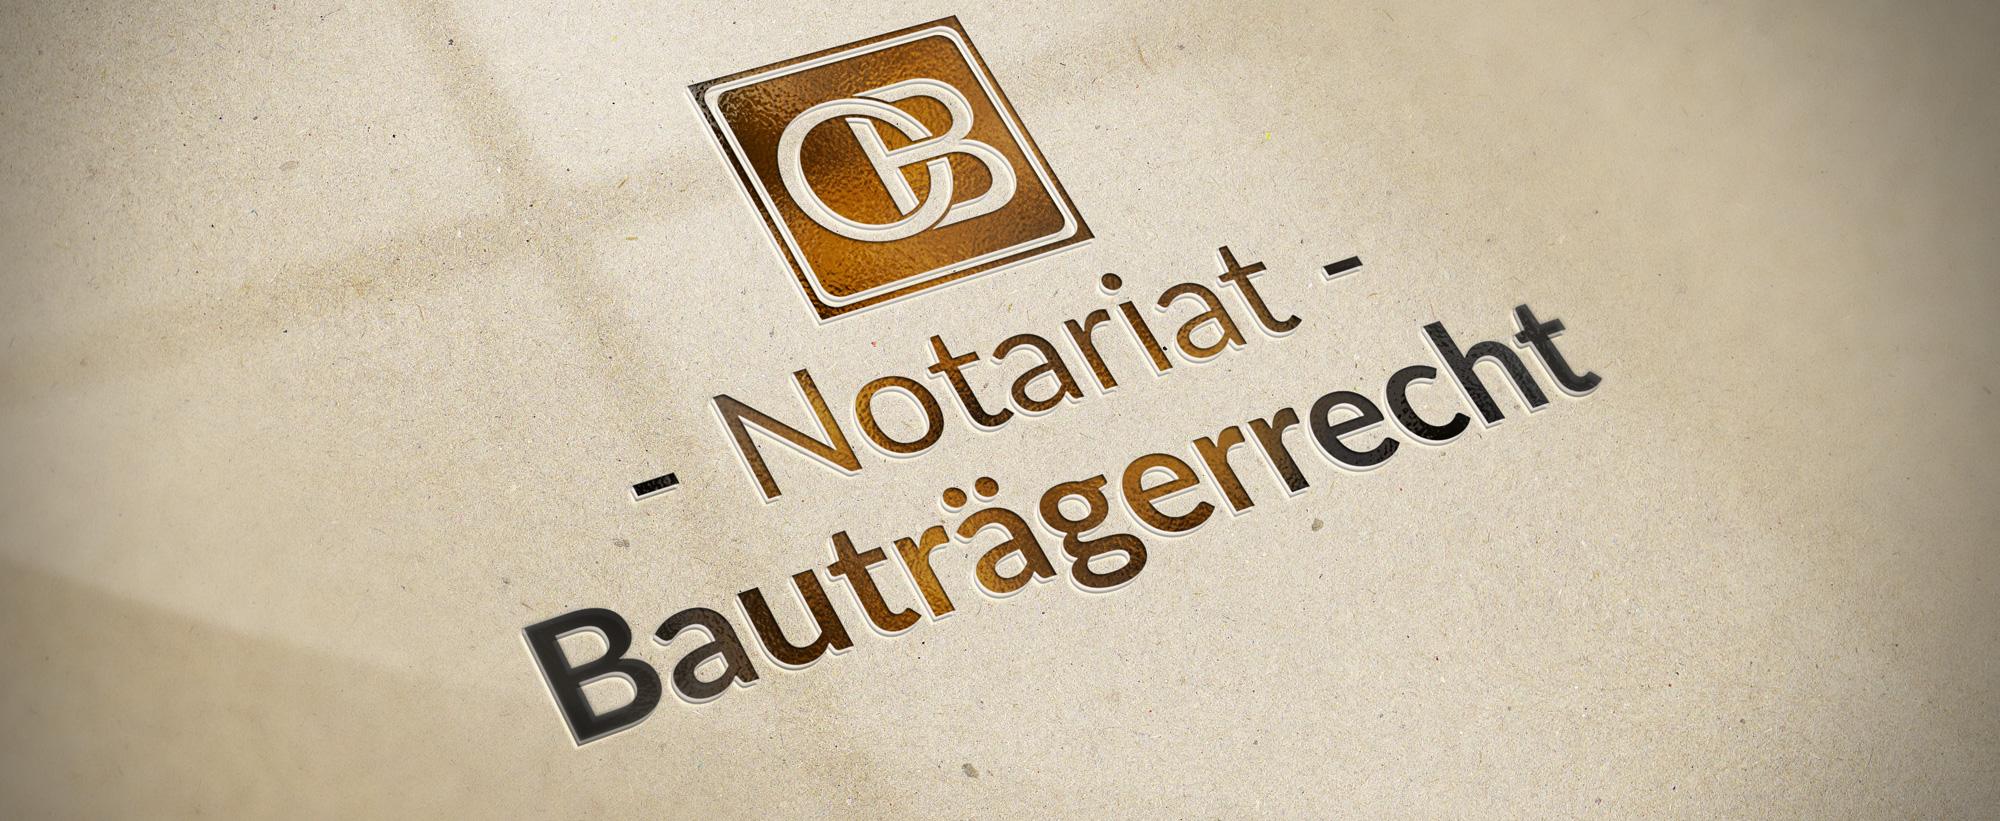 Teaser Notariat Bauträgerrecht